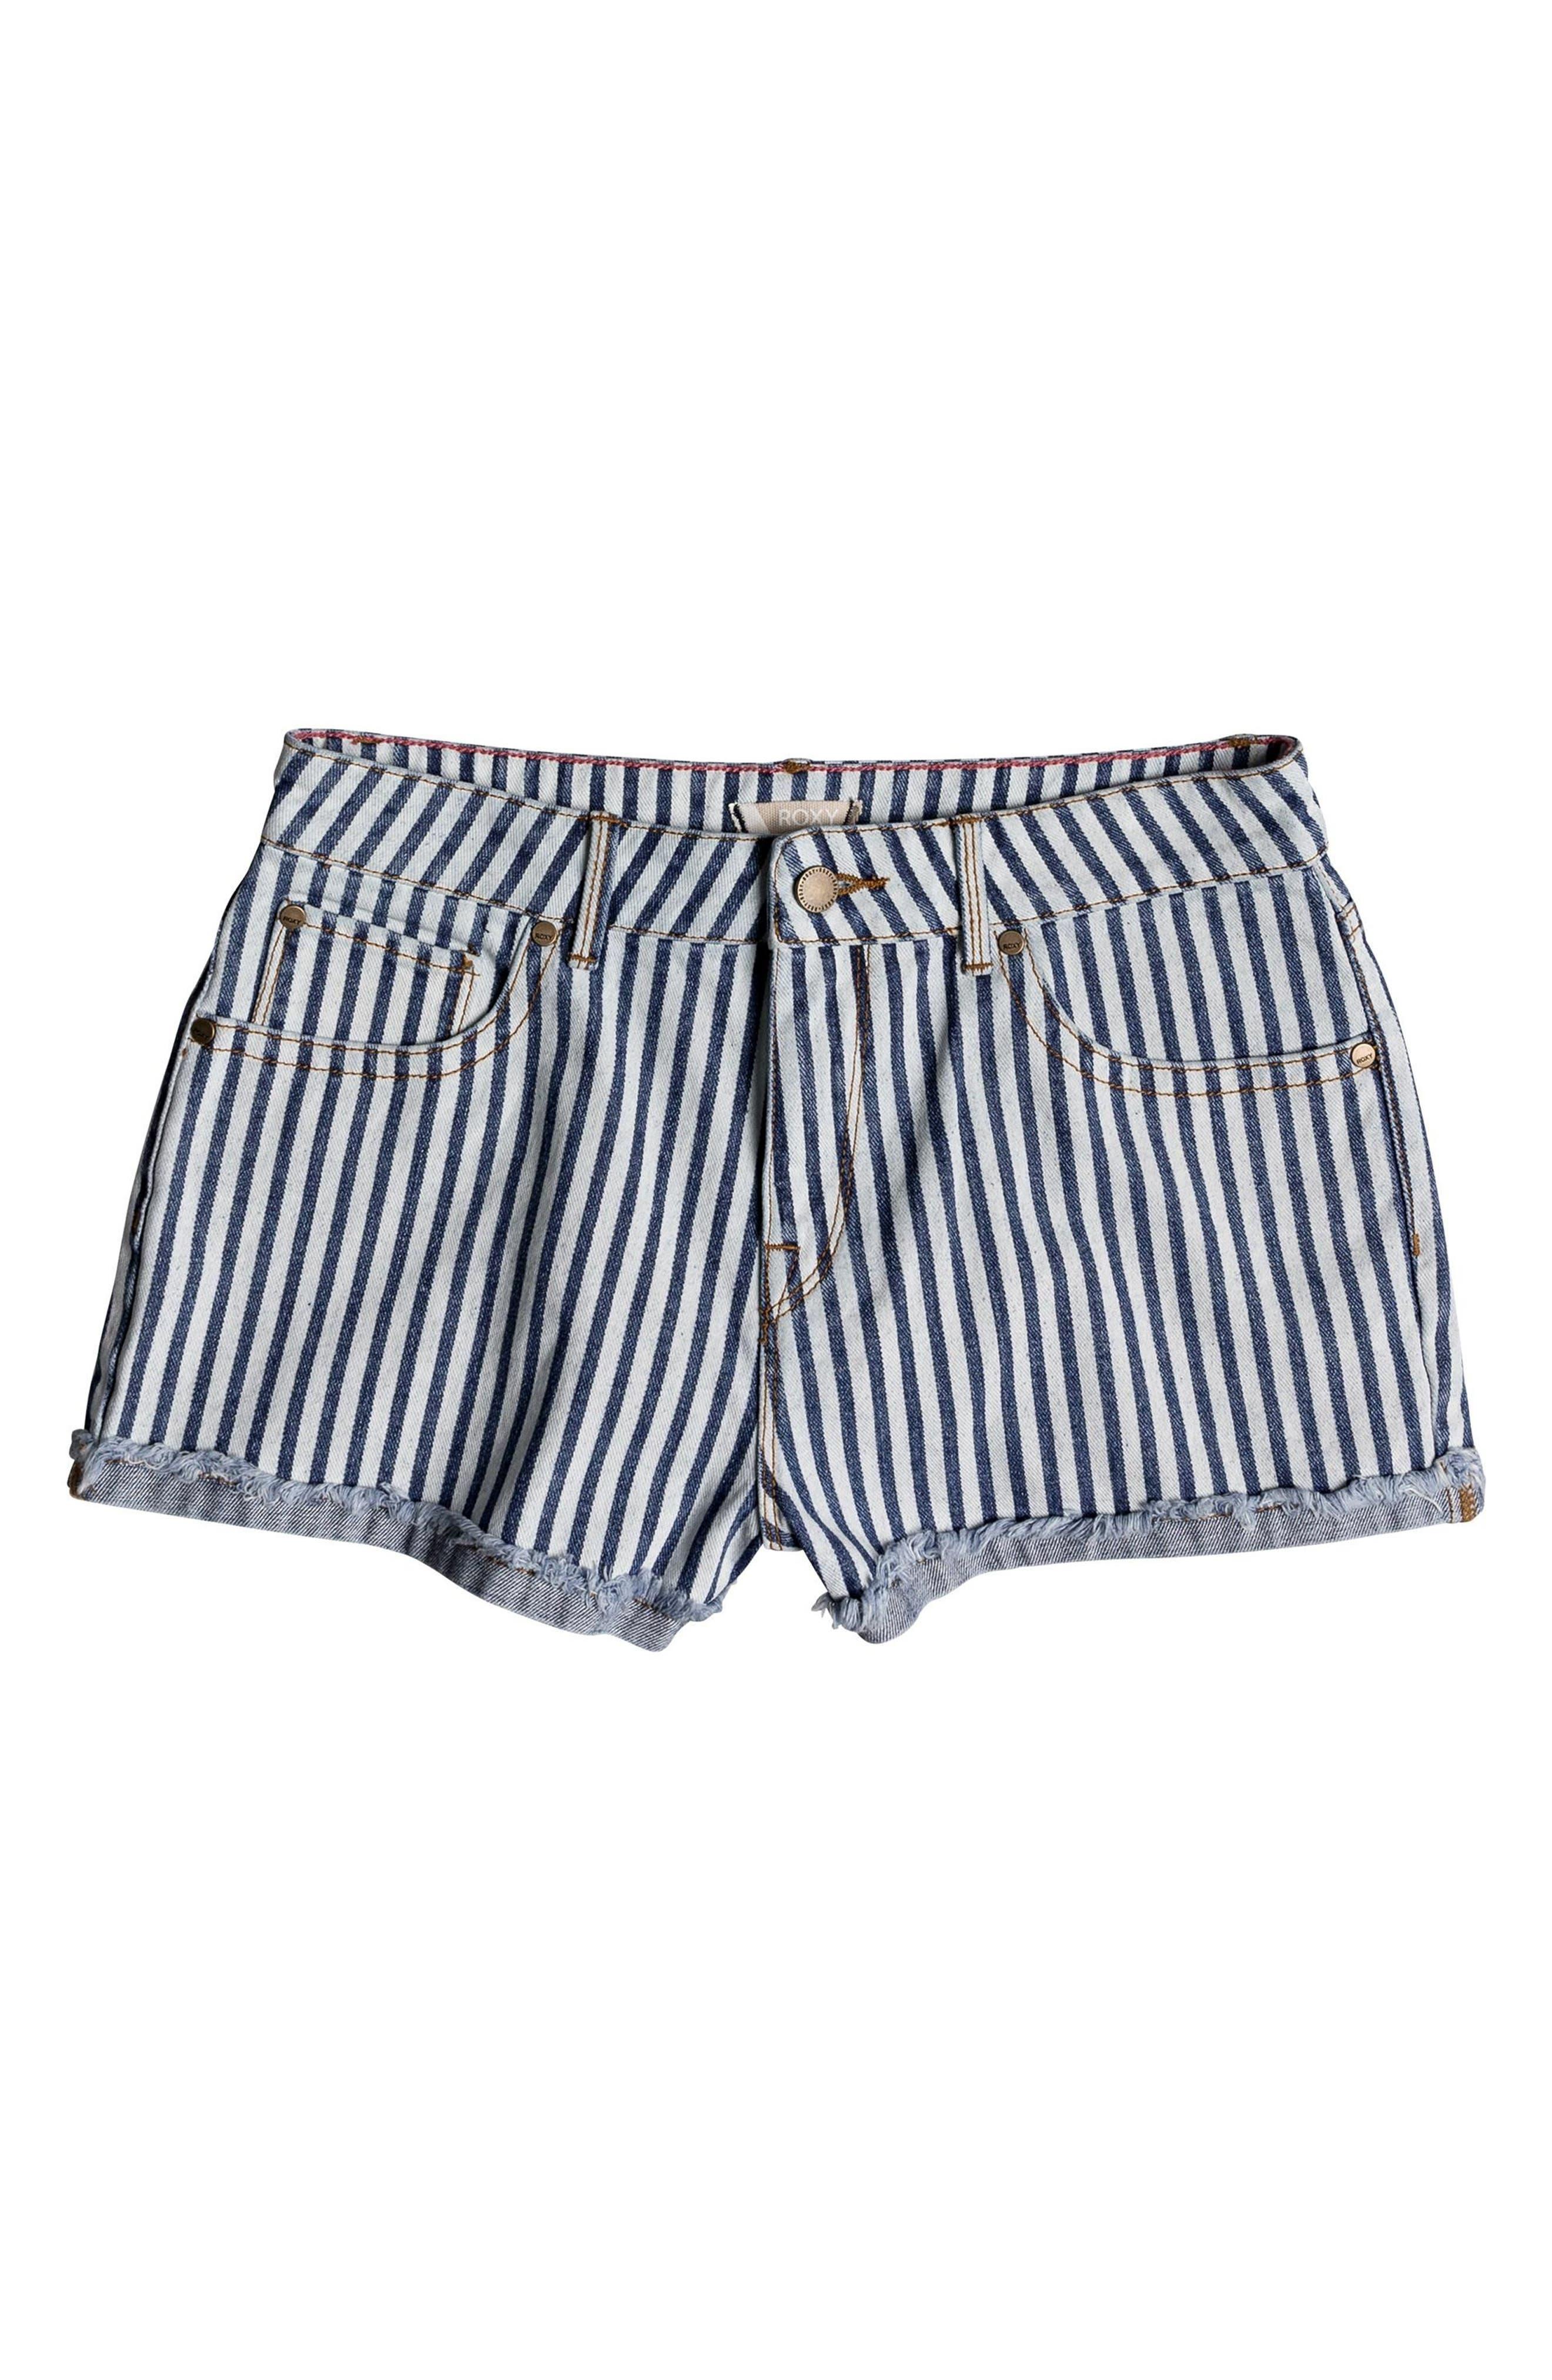 Holbrook Stripe Cotton Shorts,                             Alternate thumbnail 4, color,                             460